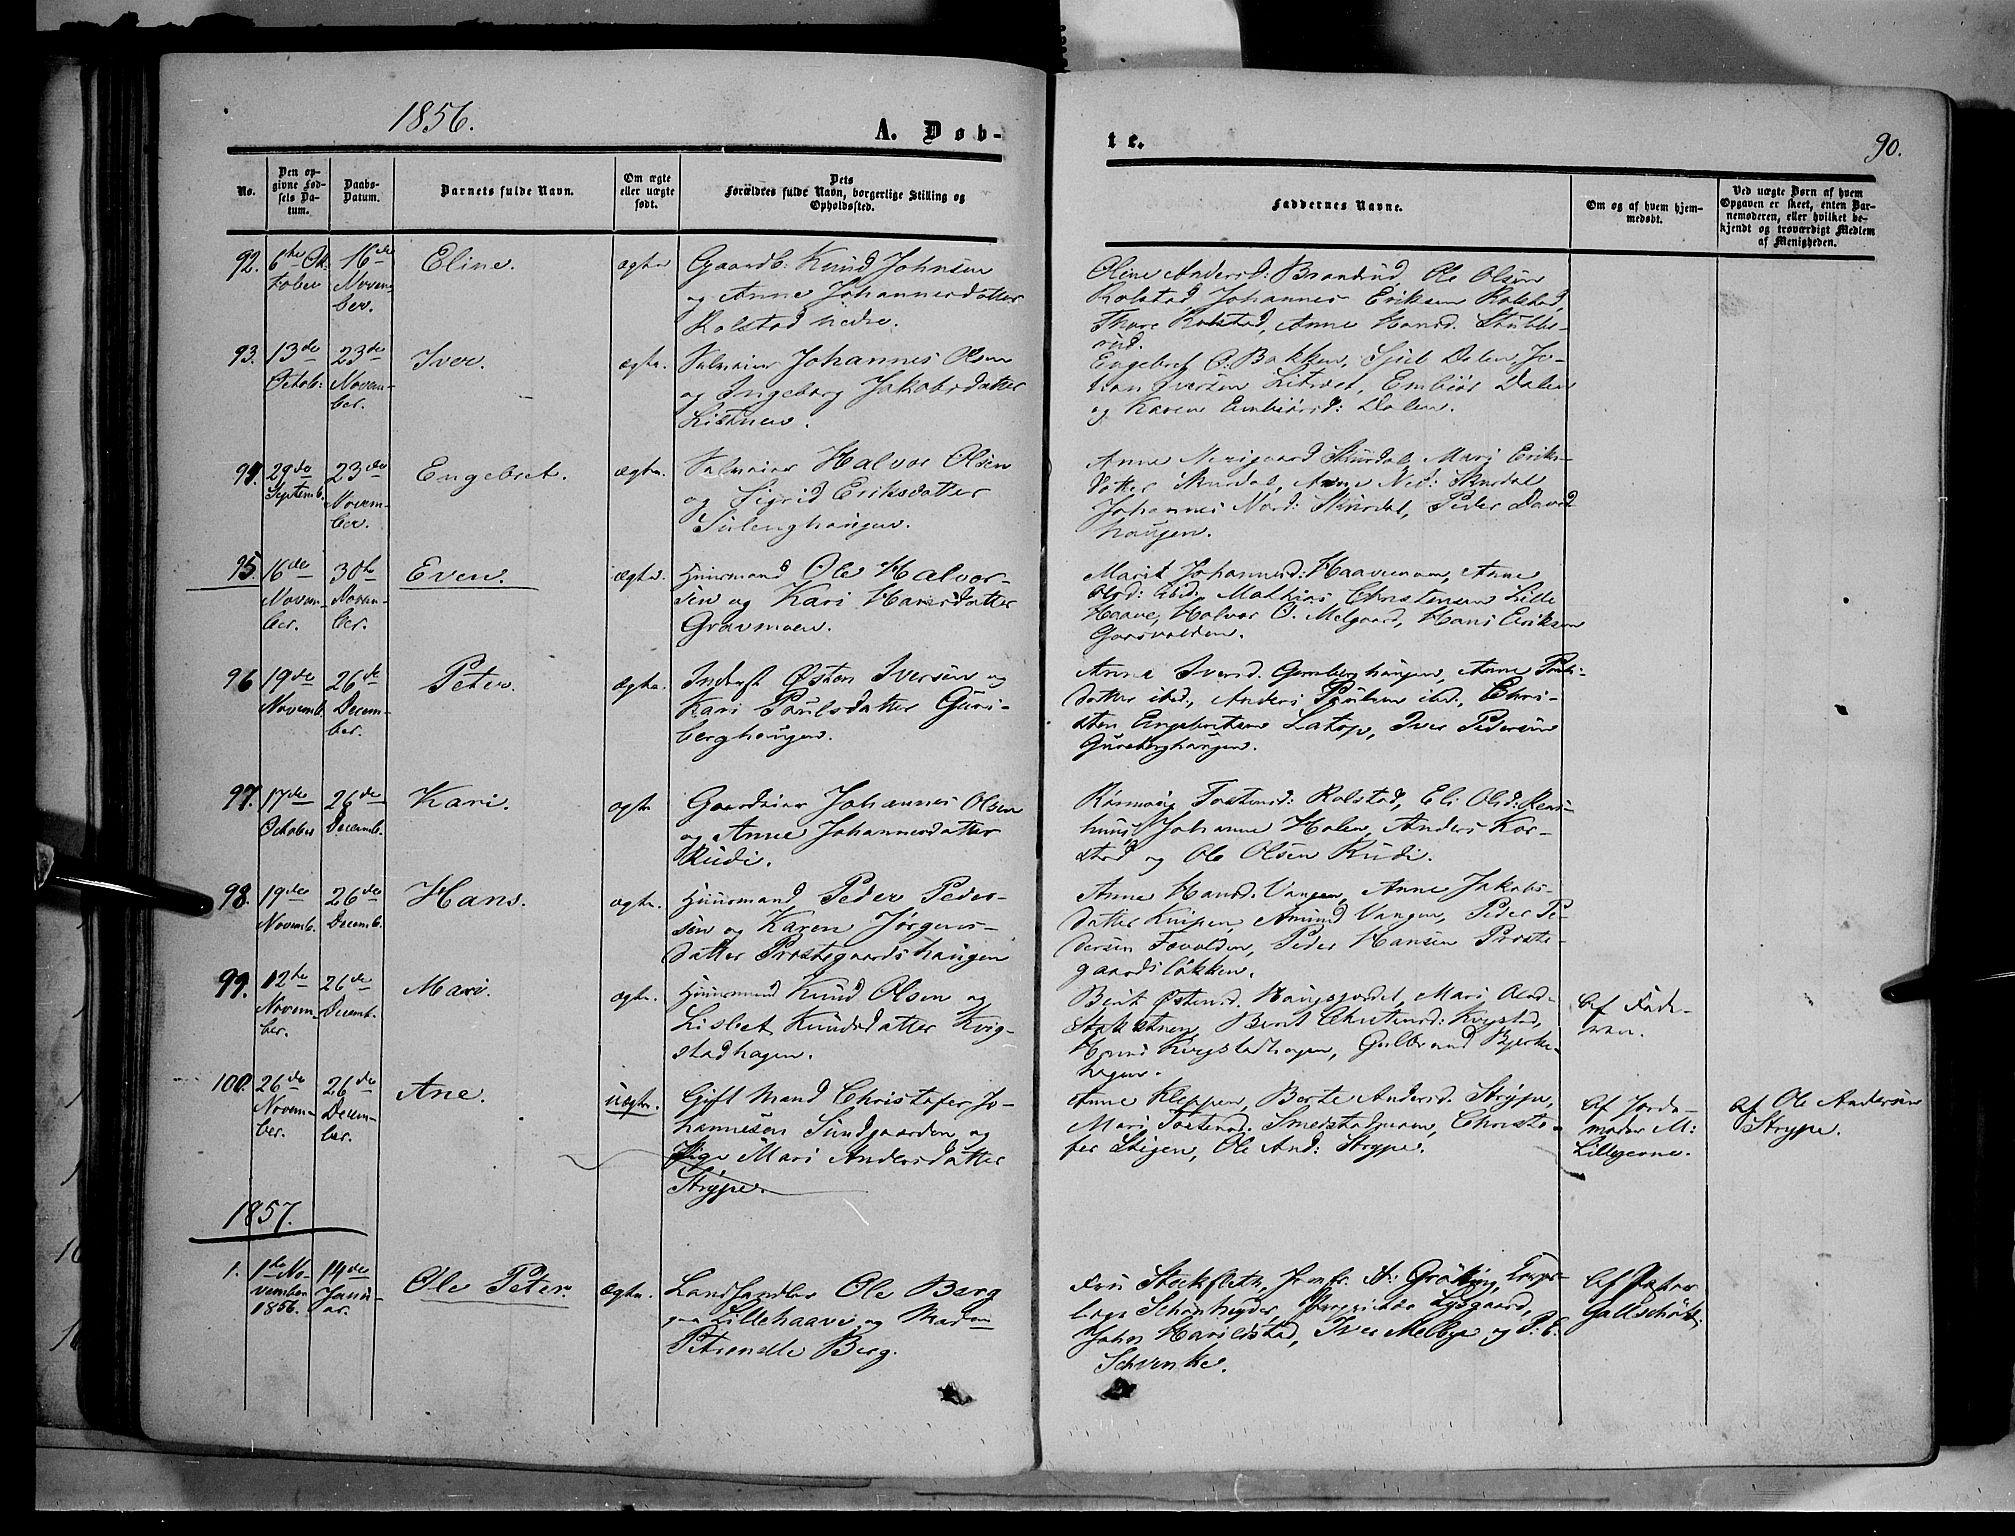 SAH, Sør-Fron prestekontor, H/Ha/Haa/L0001: Ministerialbok nr. 1, 1849-1863, s. 90